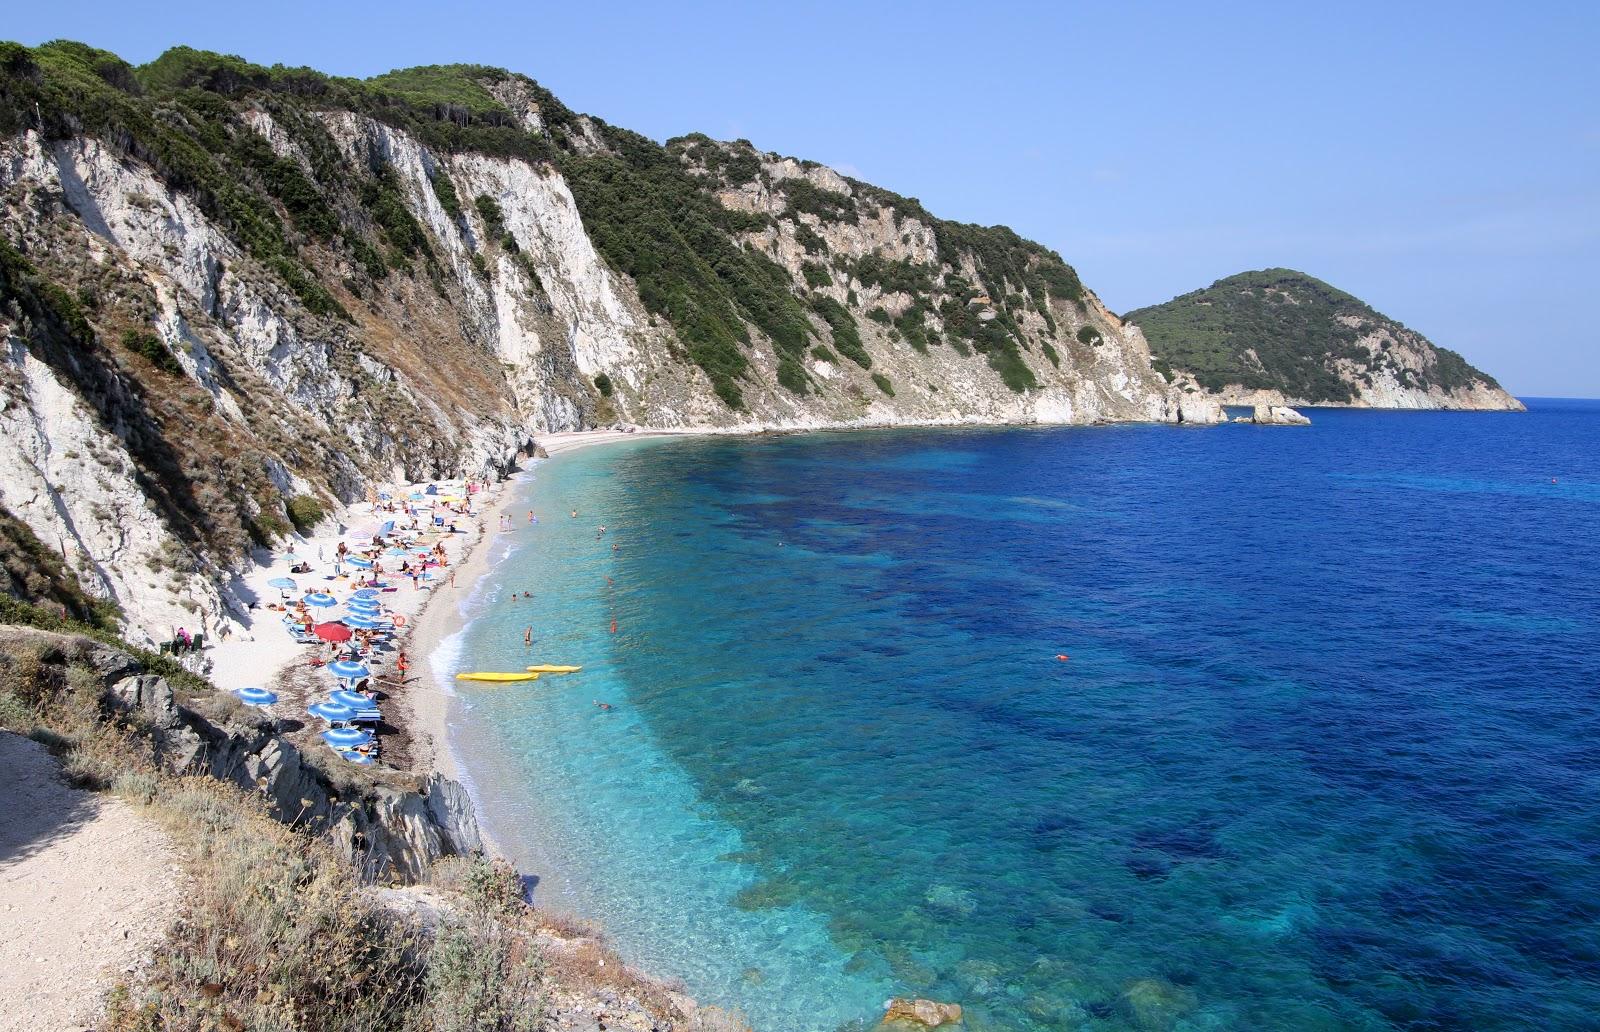 Spiaggia di Sansone, Elba Island